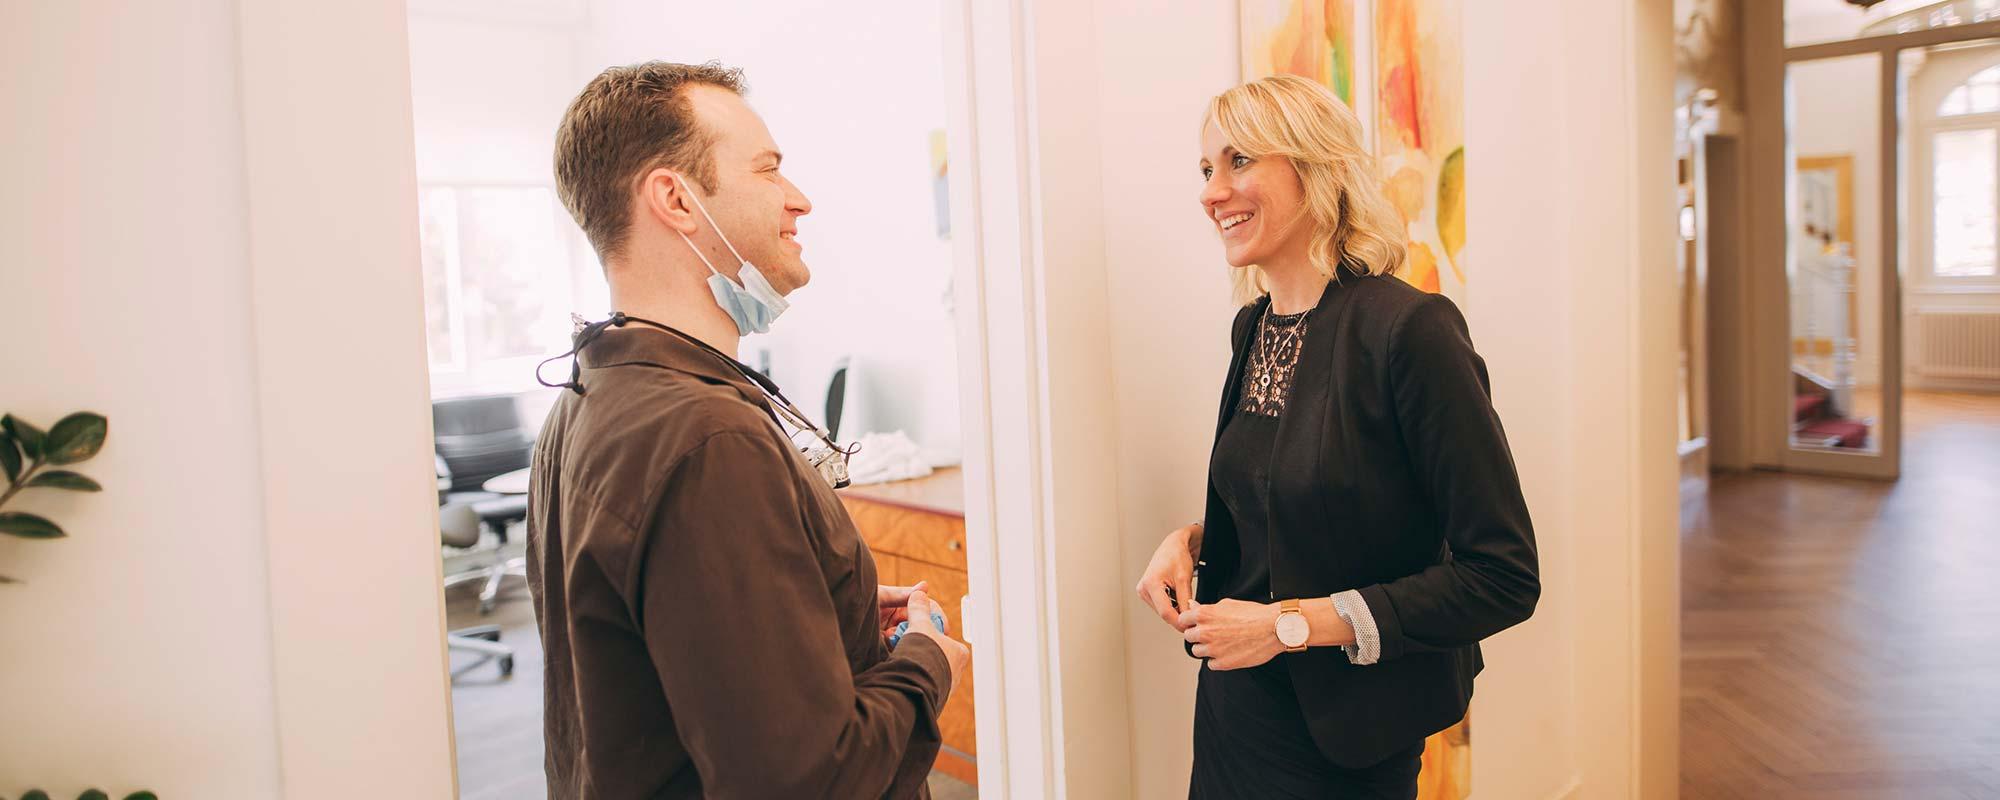 Zahnarzt Dr. Andreas Euchner und Mitarbeiterin unterhalten sich auf dem Flur der Privatpraxis Villa Seldeneck in Baden-Baden.